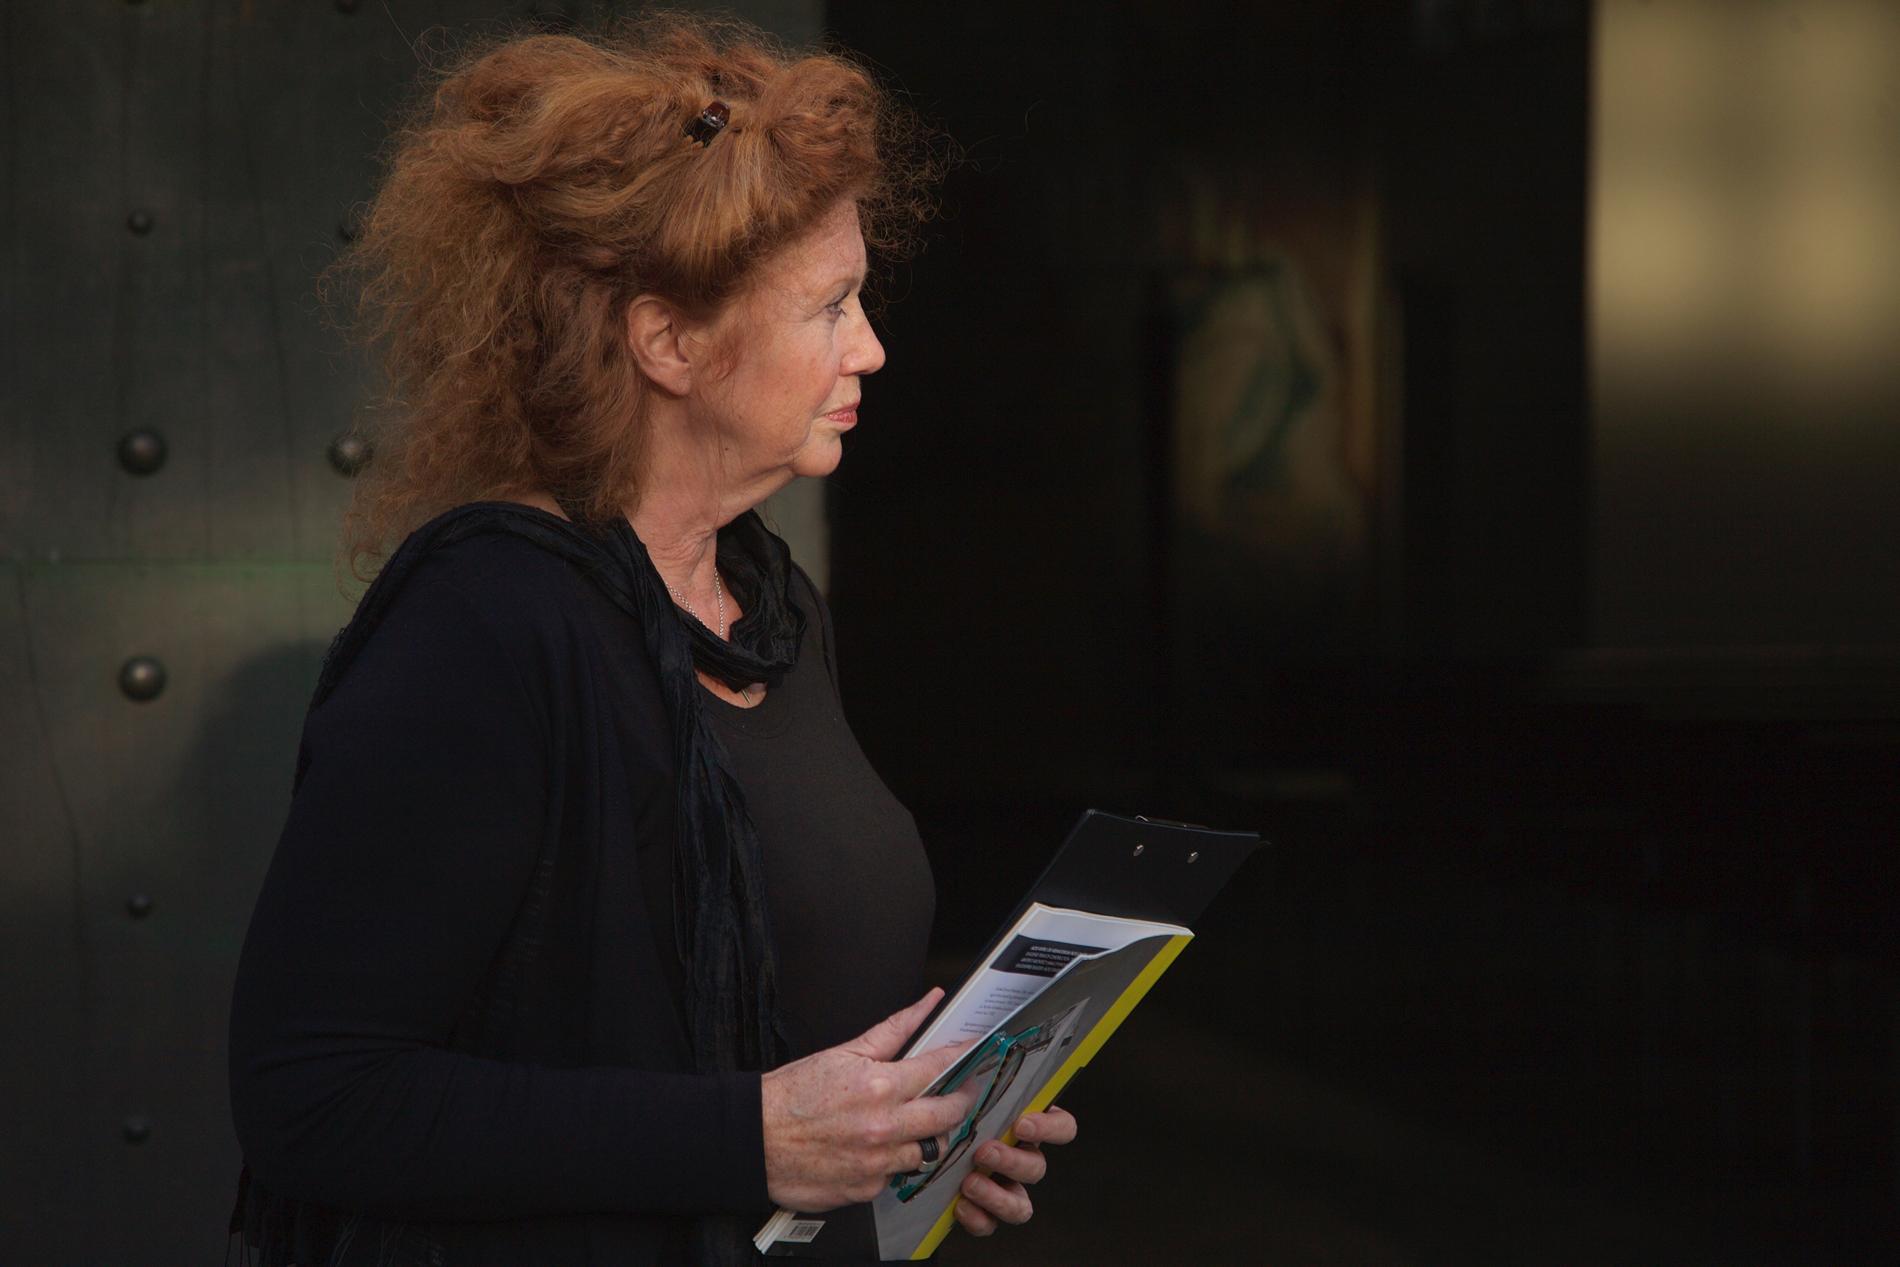 Torsobilde av kvinne med rødt hår og sort drakt.